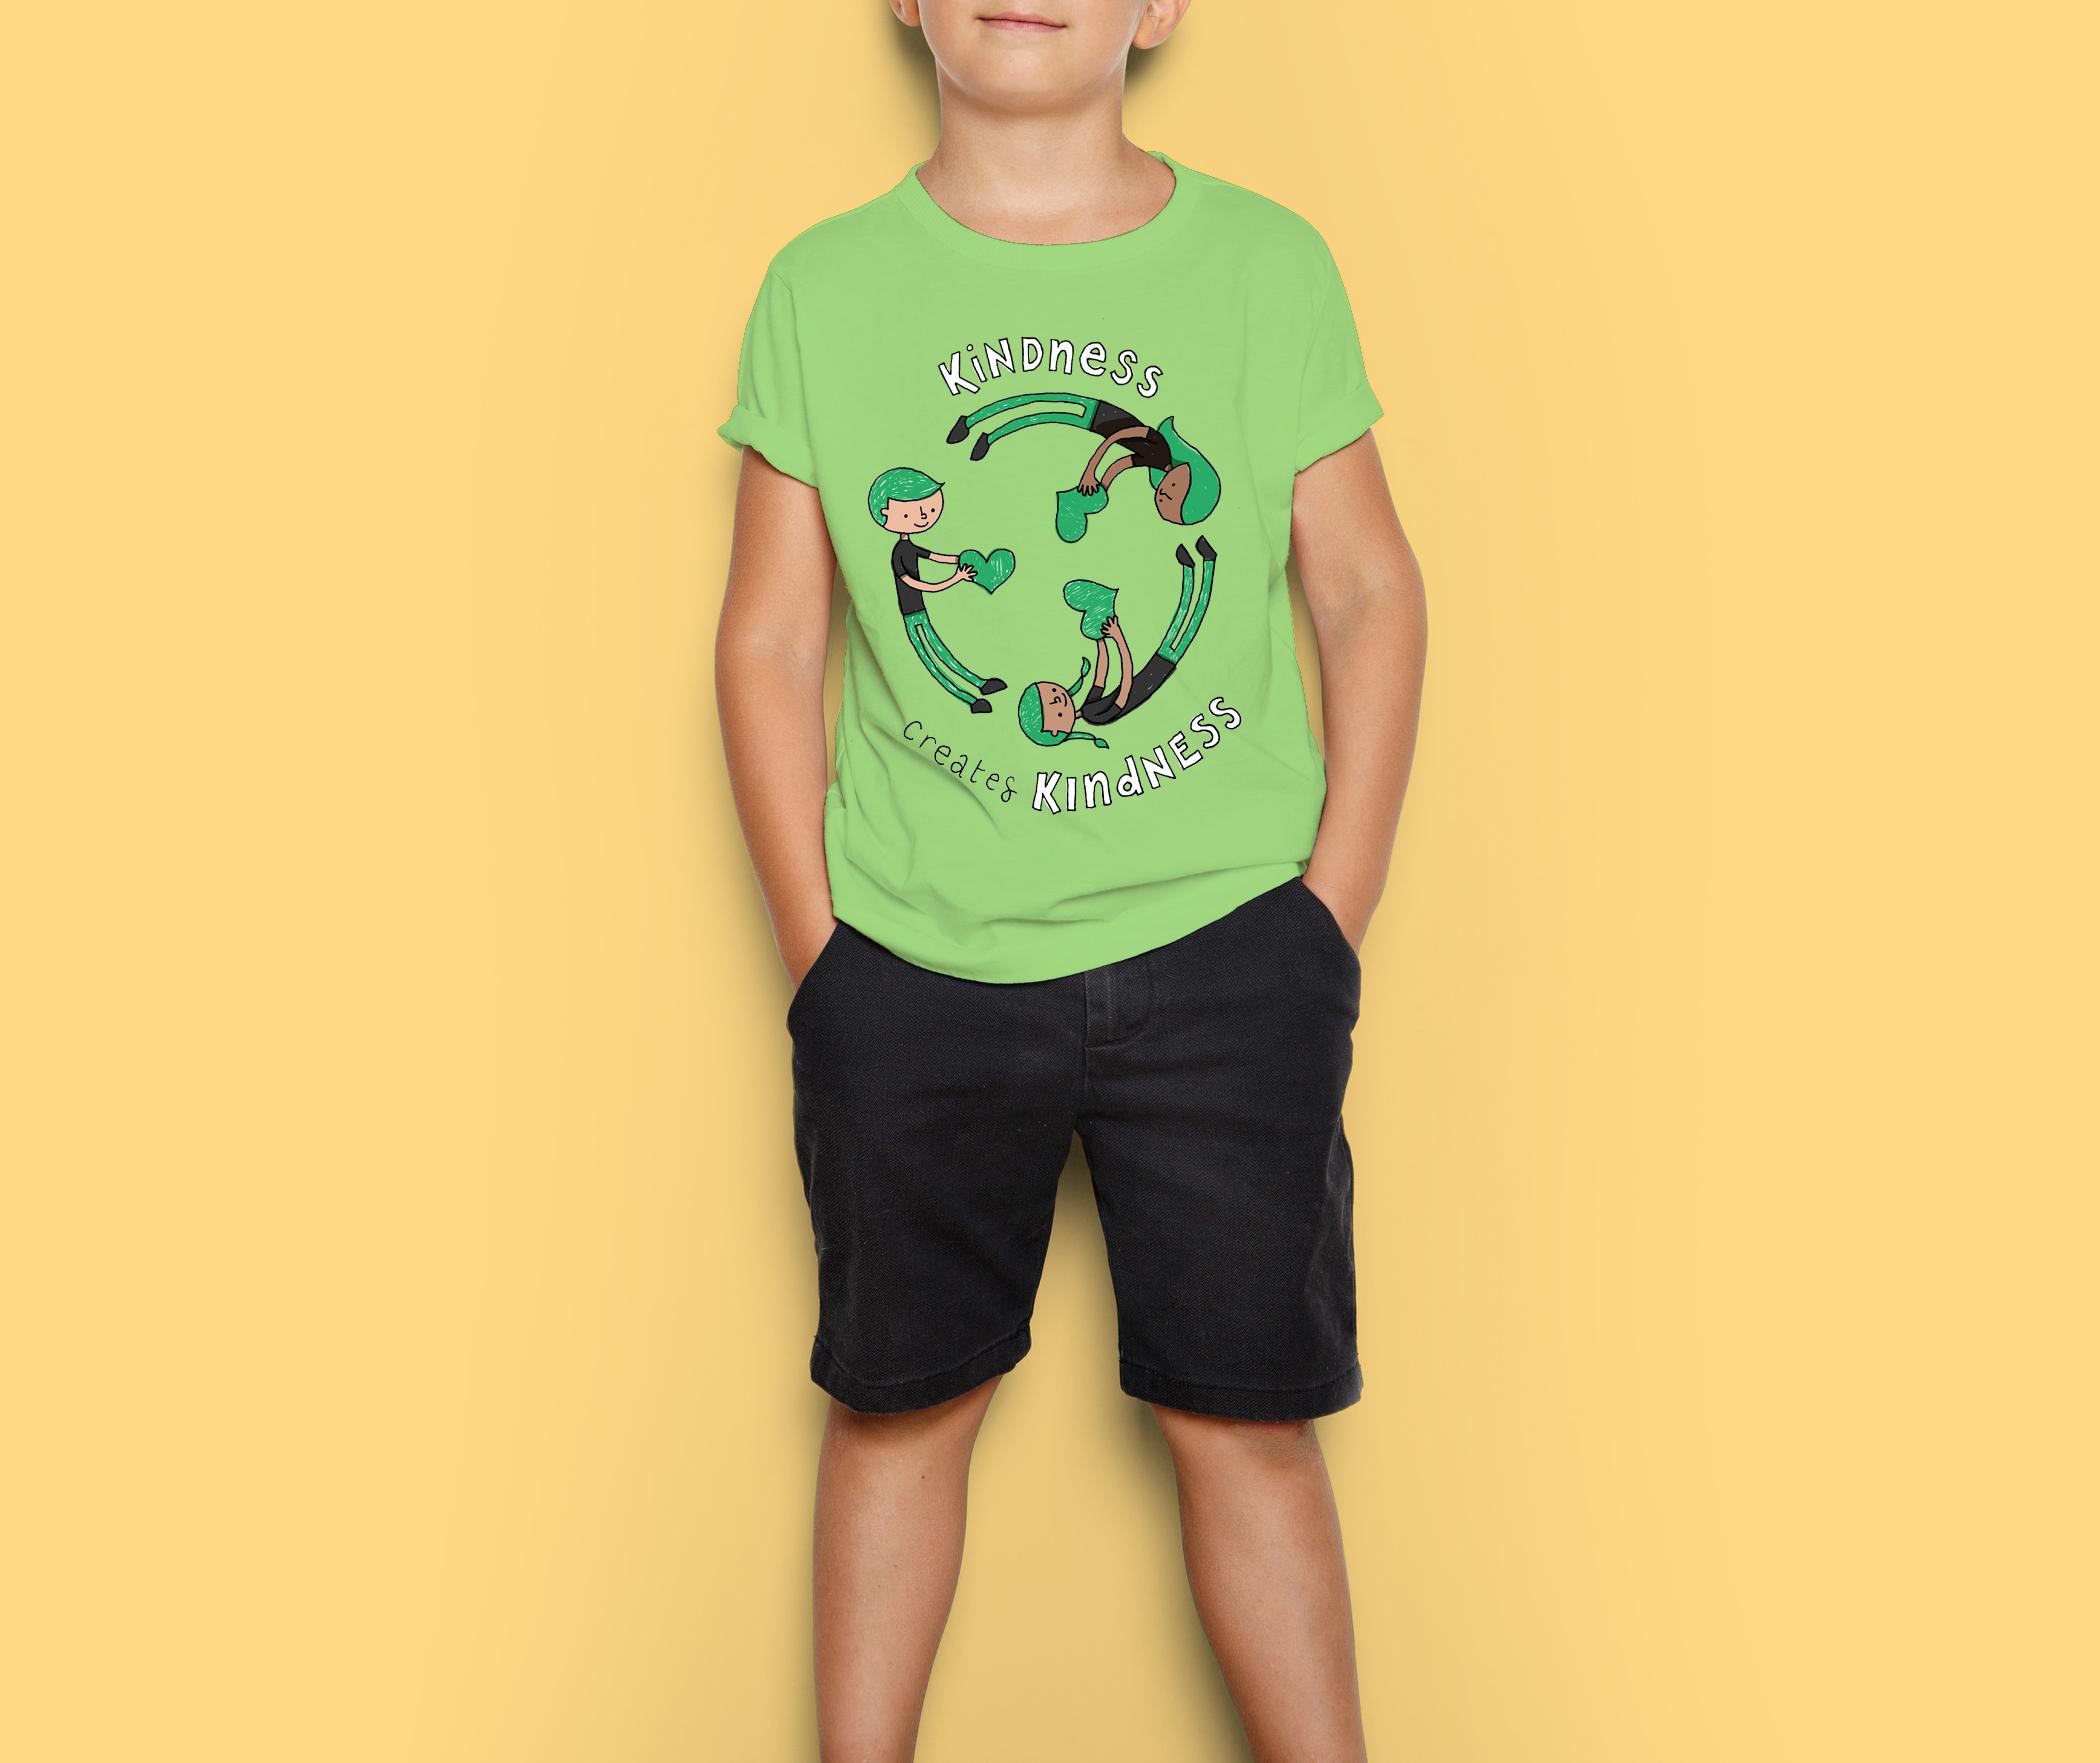 Free Young Kid T-Shirt MockUp.jpg